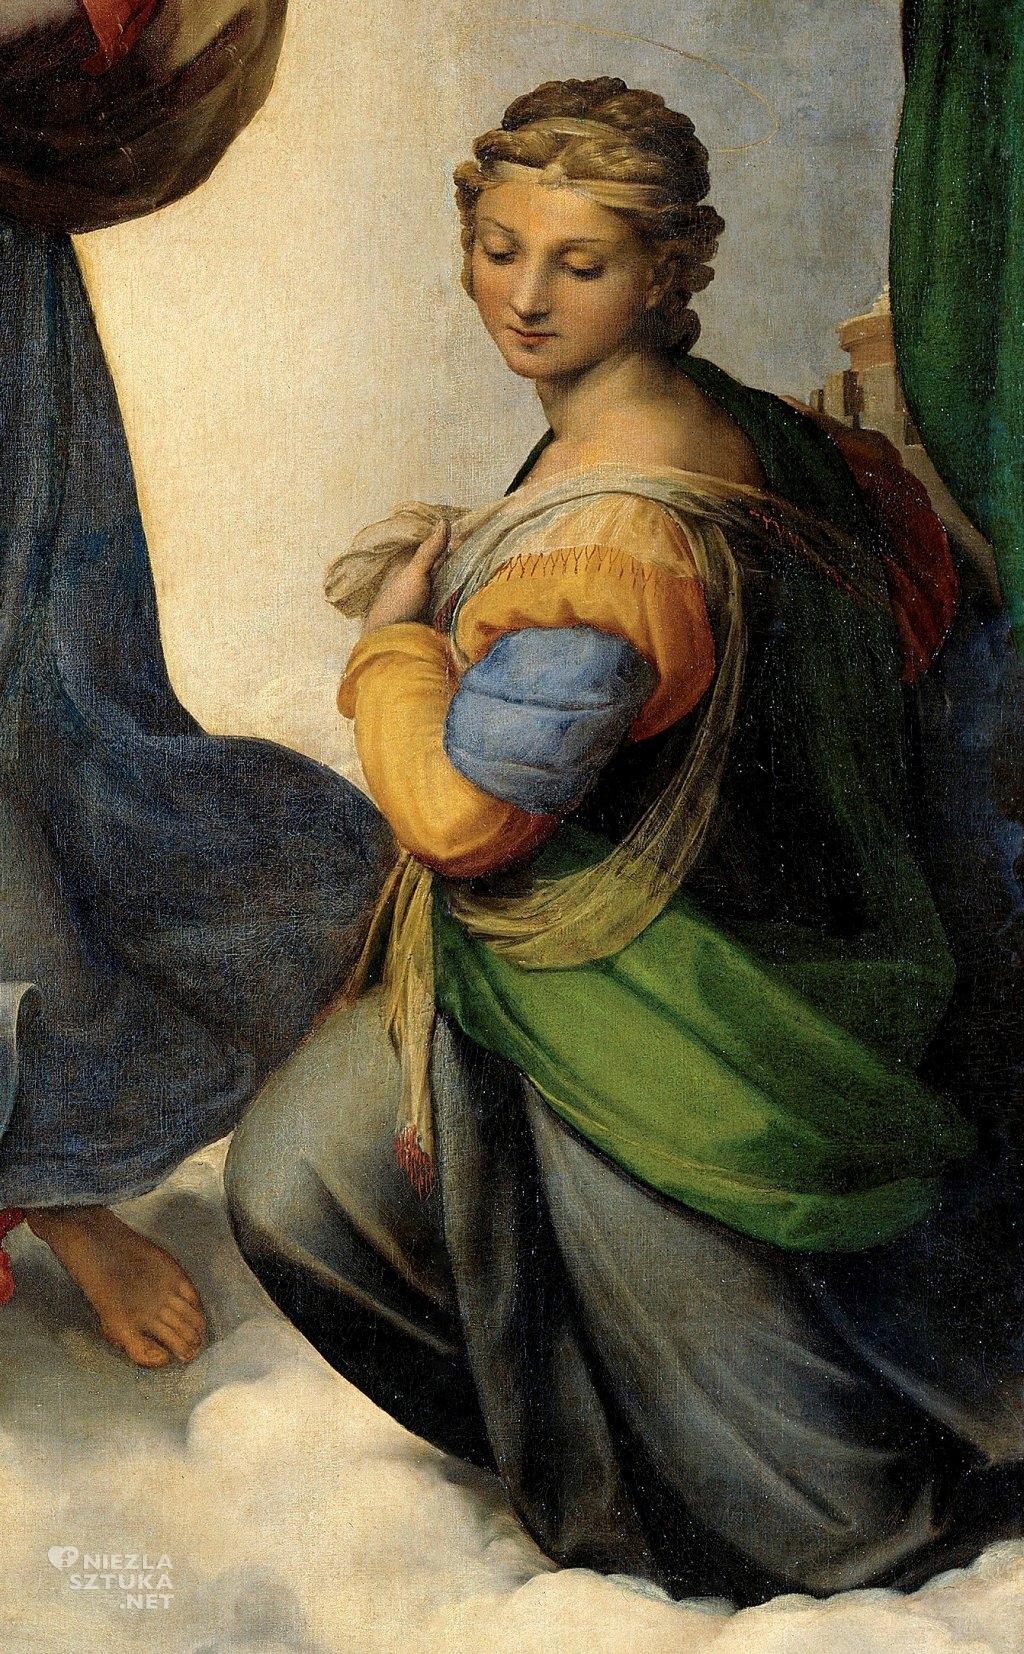 Rafael Santi, Madonna Sykstyńska, święta Barbara sztuka włoska, Niezła sztuka